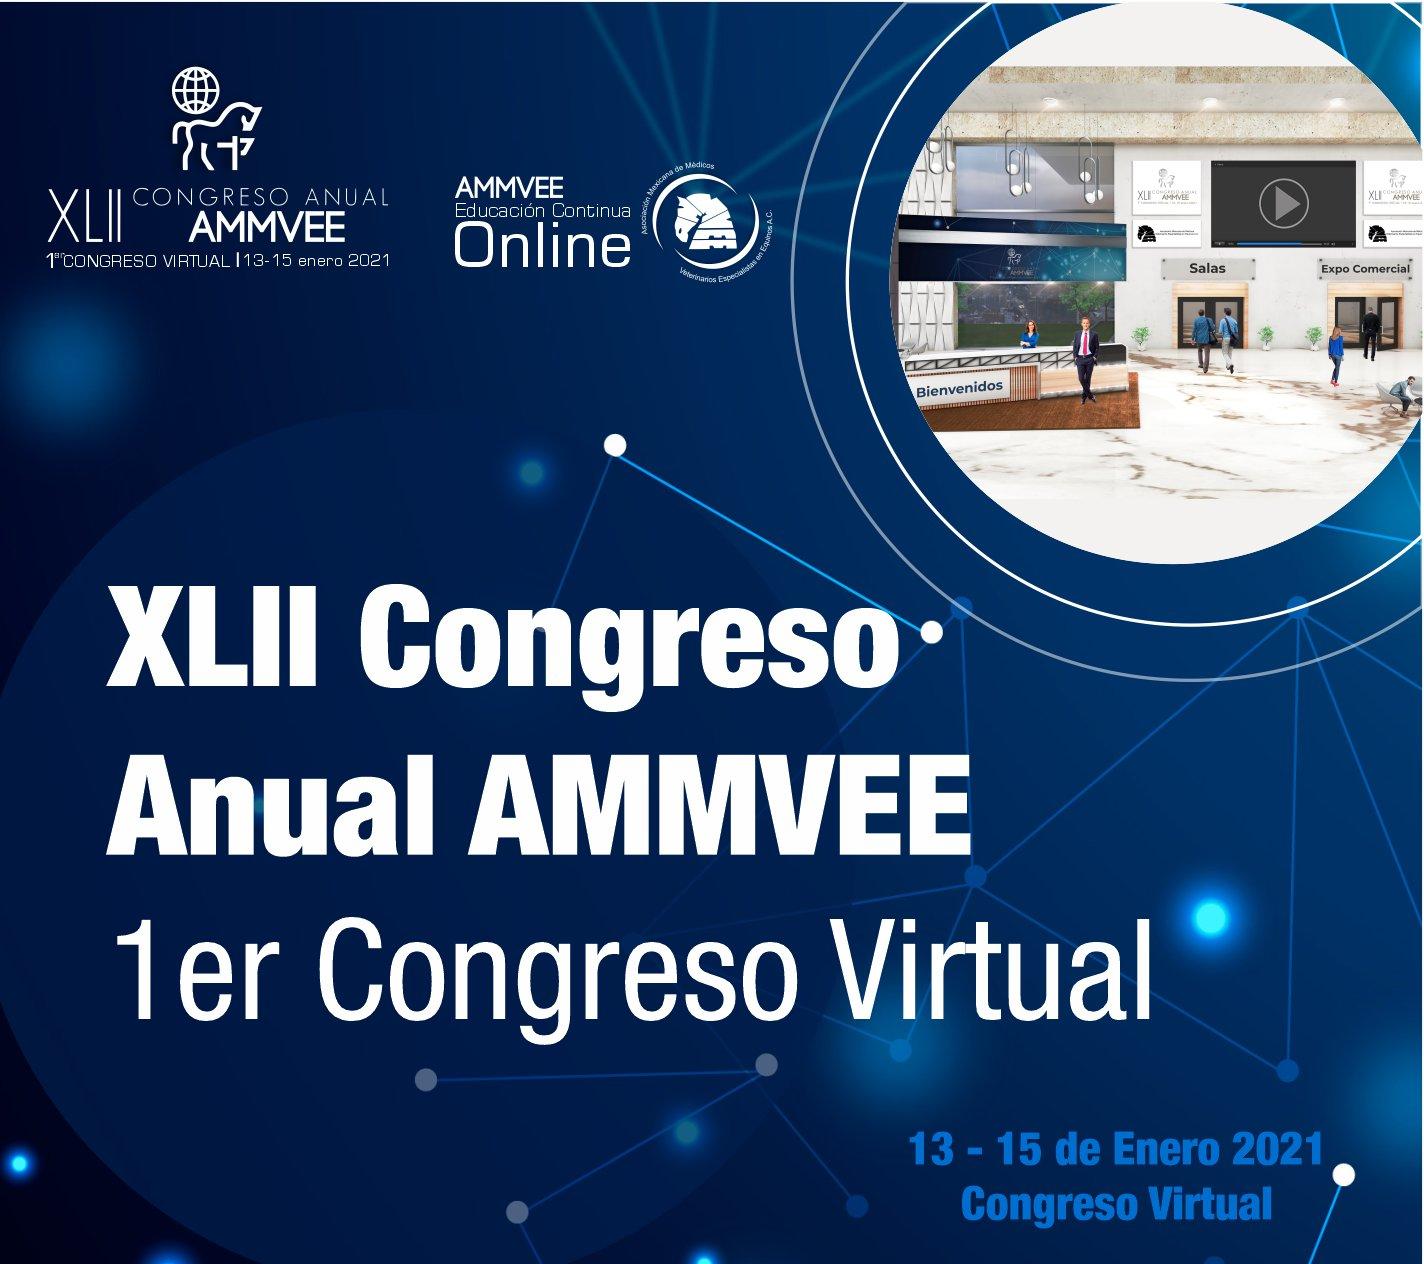 XLII Congreso AMMVEE y 1er Congreso virtual de la Asociación mexicana de Médicos Veterinarios Especialistas en Equinos AMMVEE